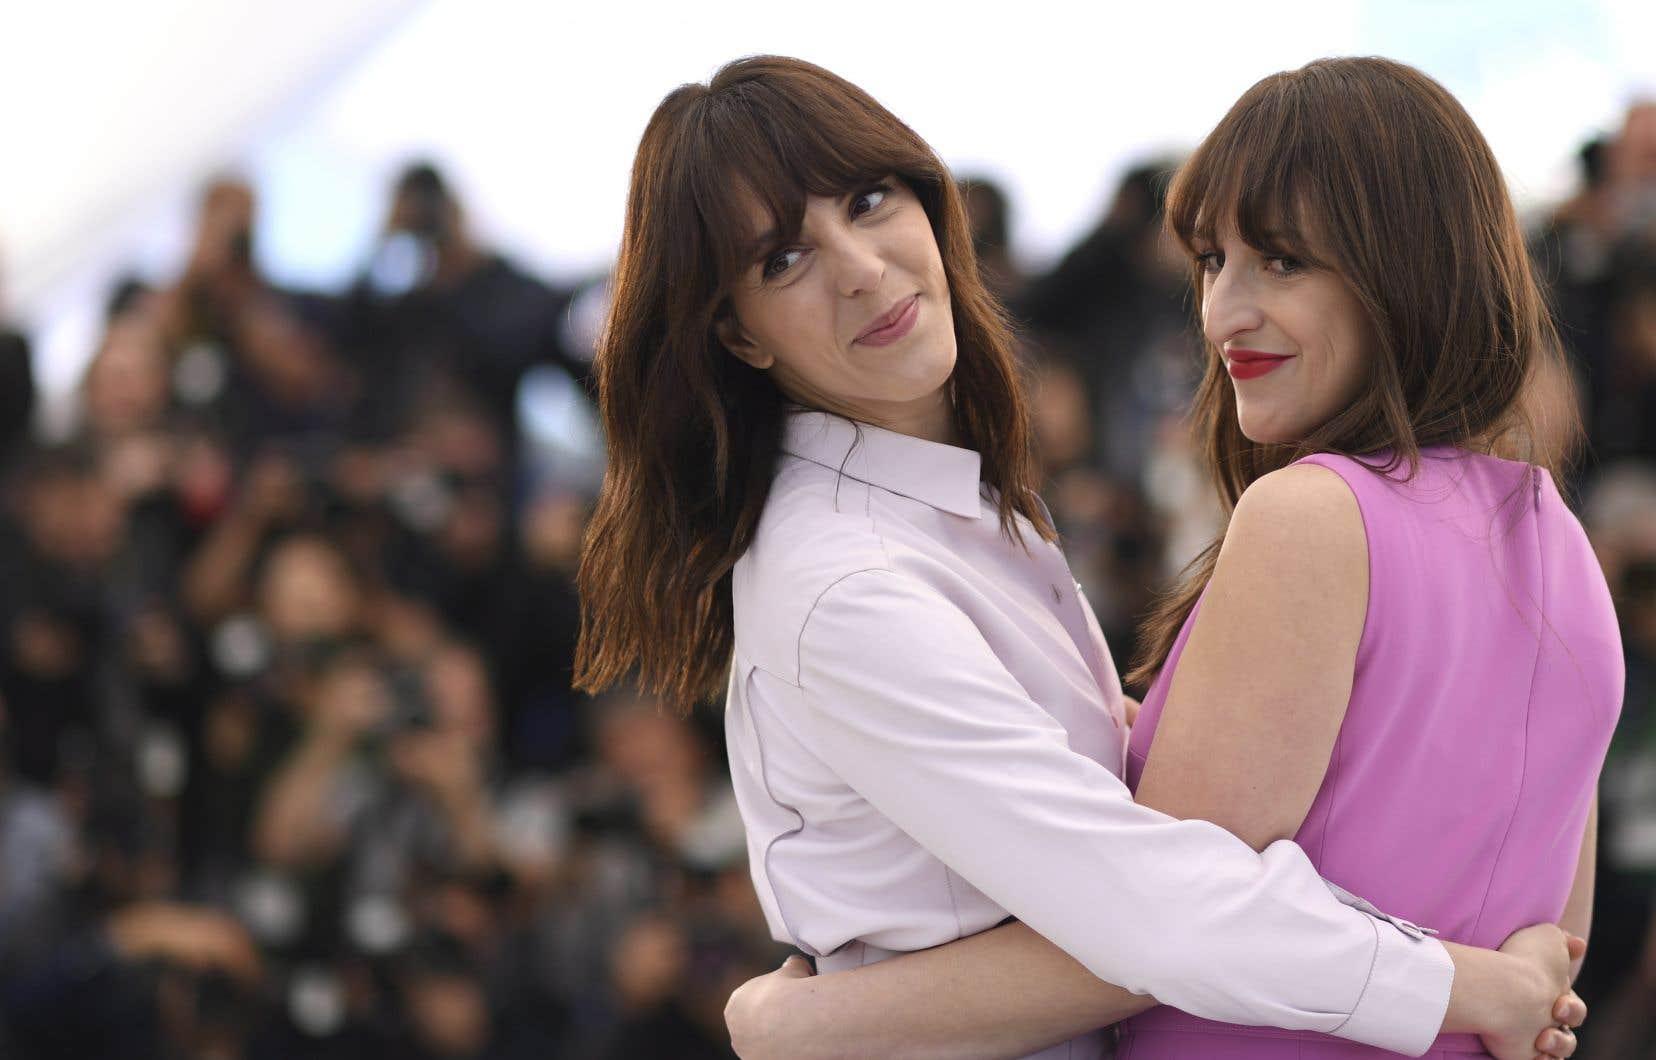 La cinéaste Monia Chokri et l'actrice Anne-Élisabeth Bossé se sont prêtées au jeu des photographes sur le tapis rouge avant la projection du film <em>La femme de mon frère</em> à la salle Claude-Debussy.